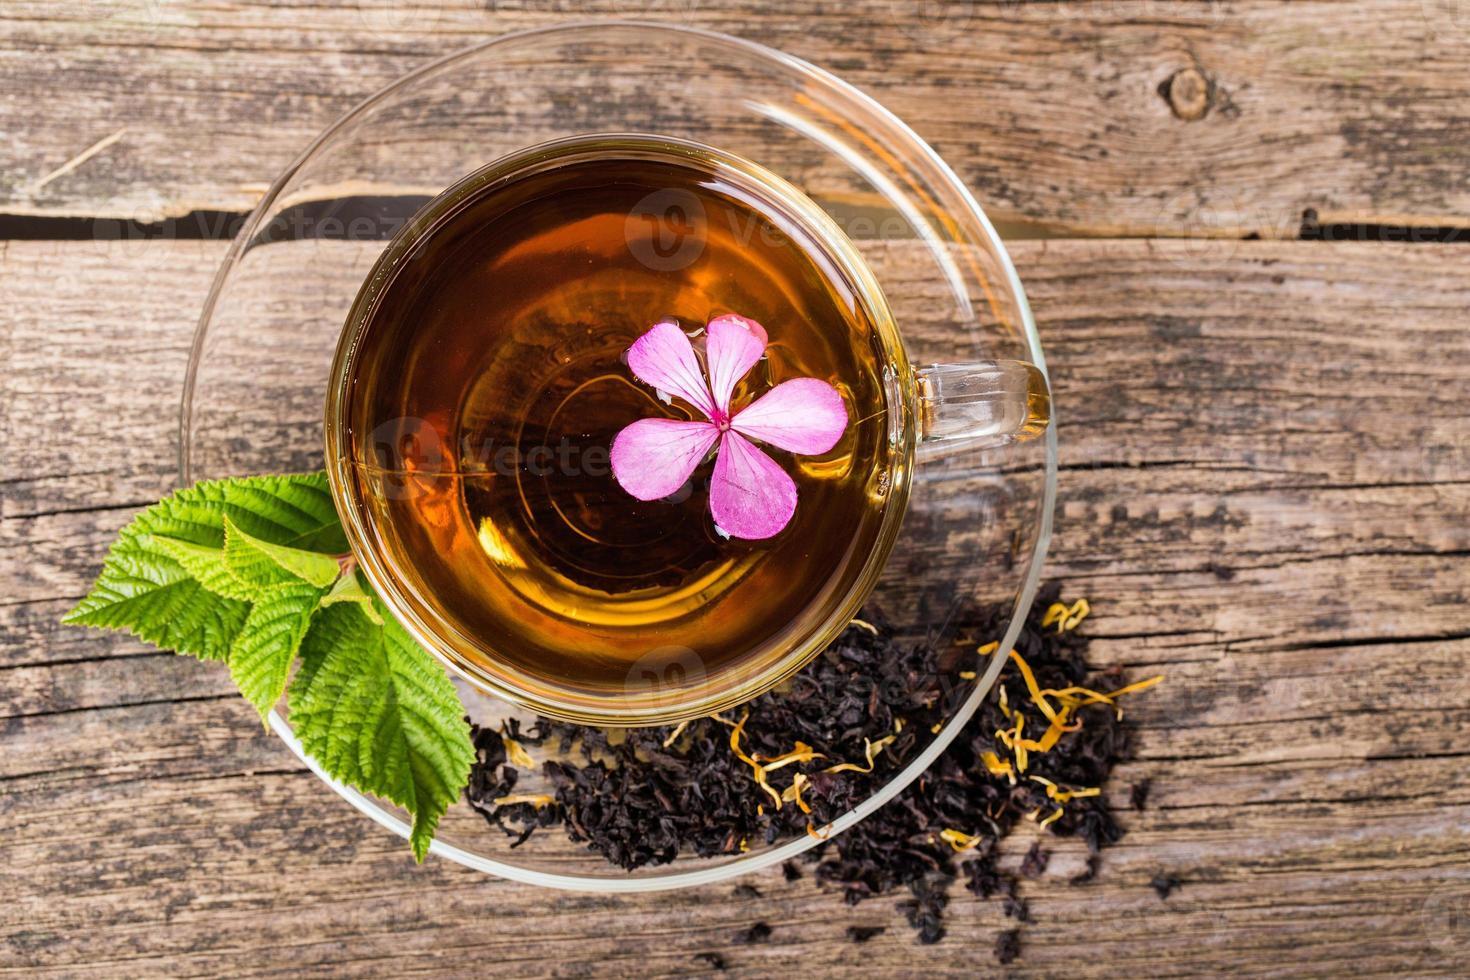 tè con fiore rosa e foglia di menta, su legno foto